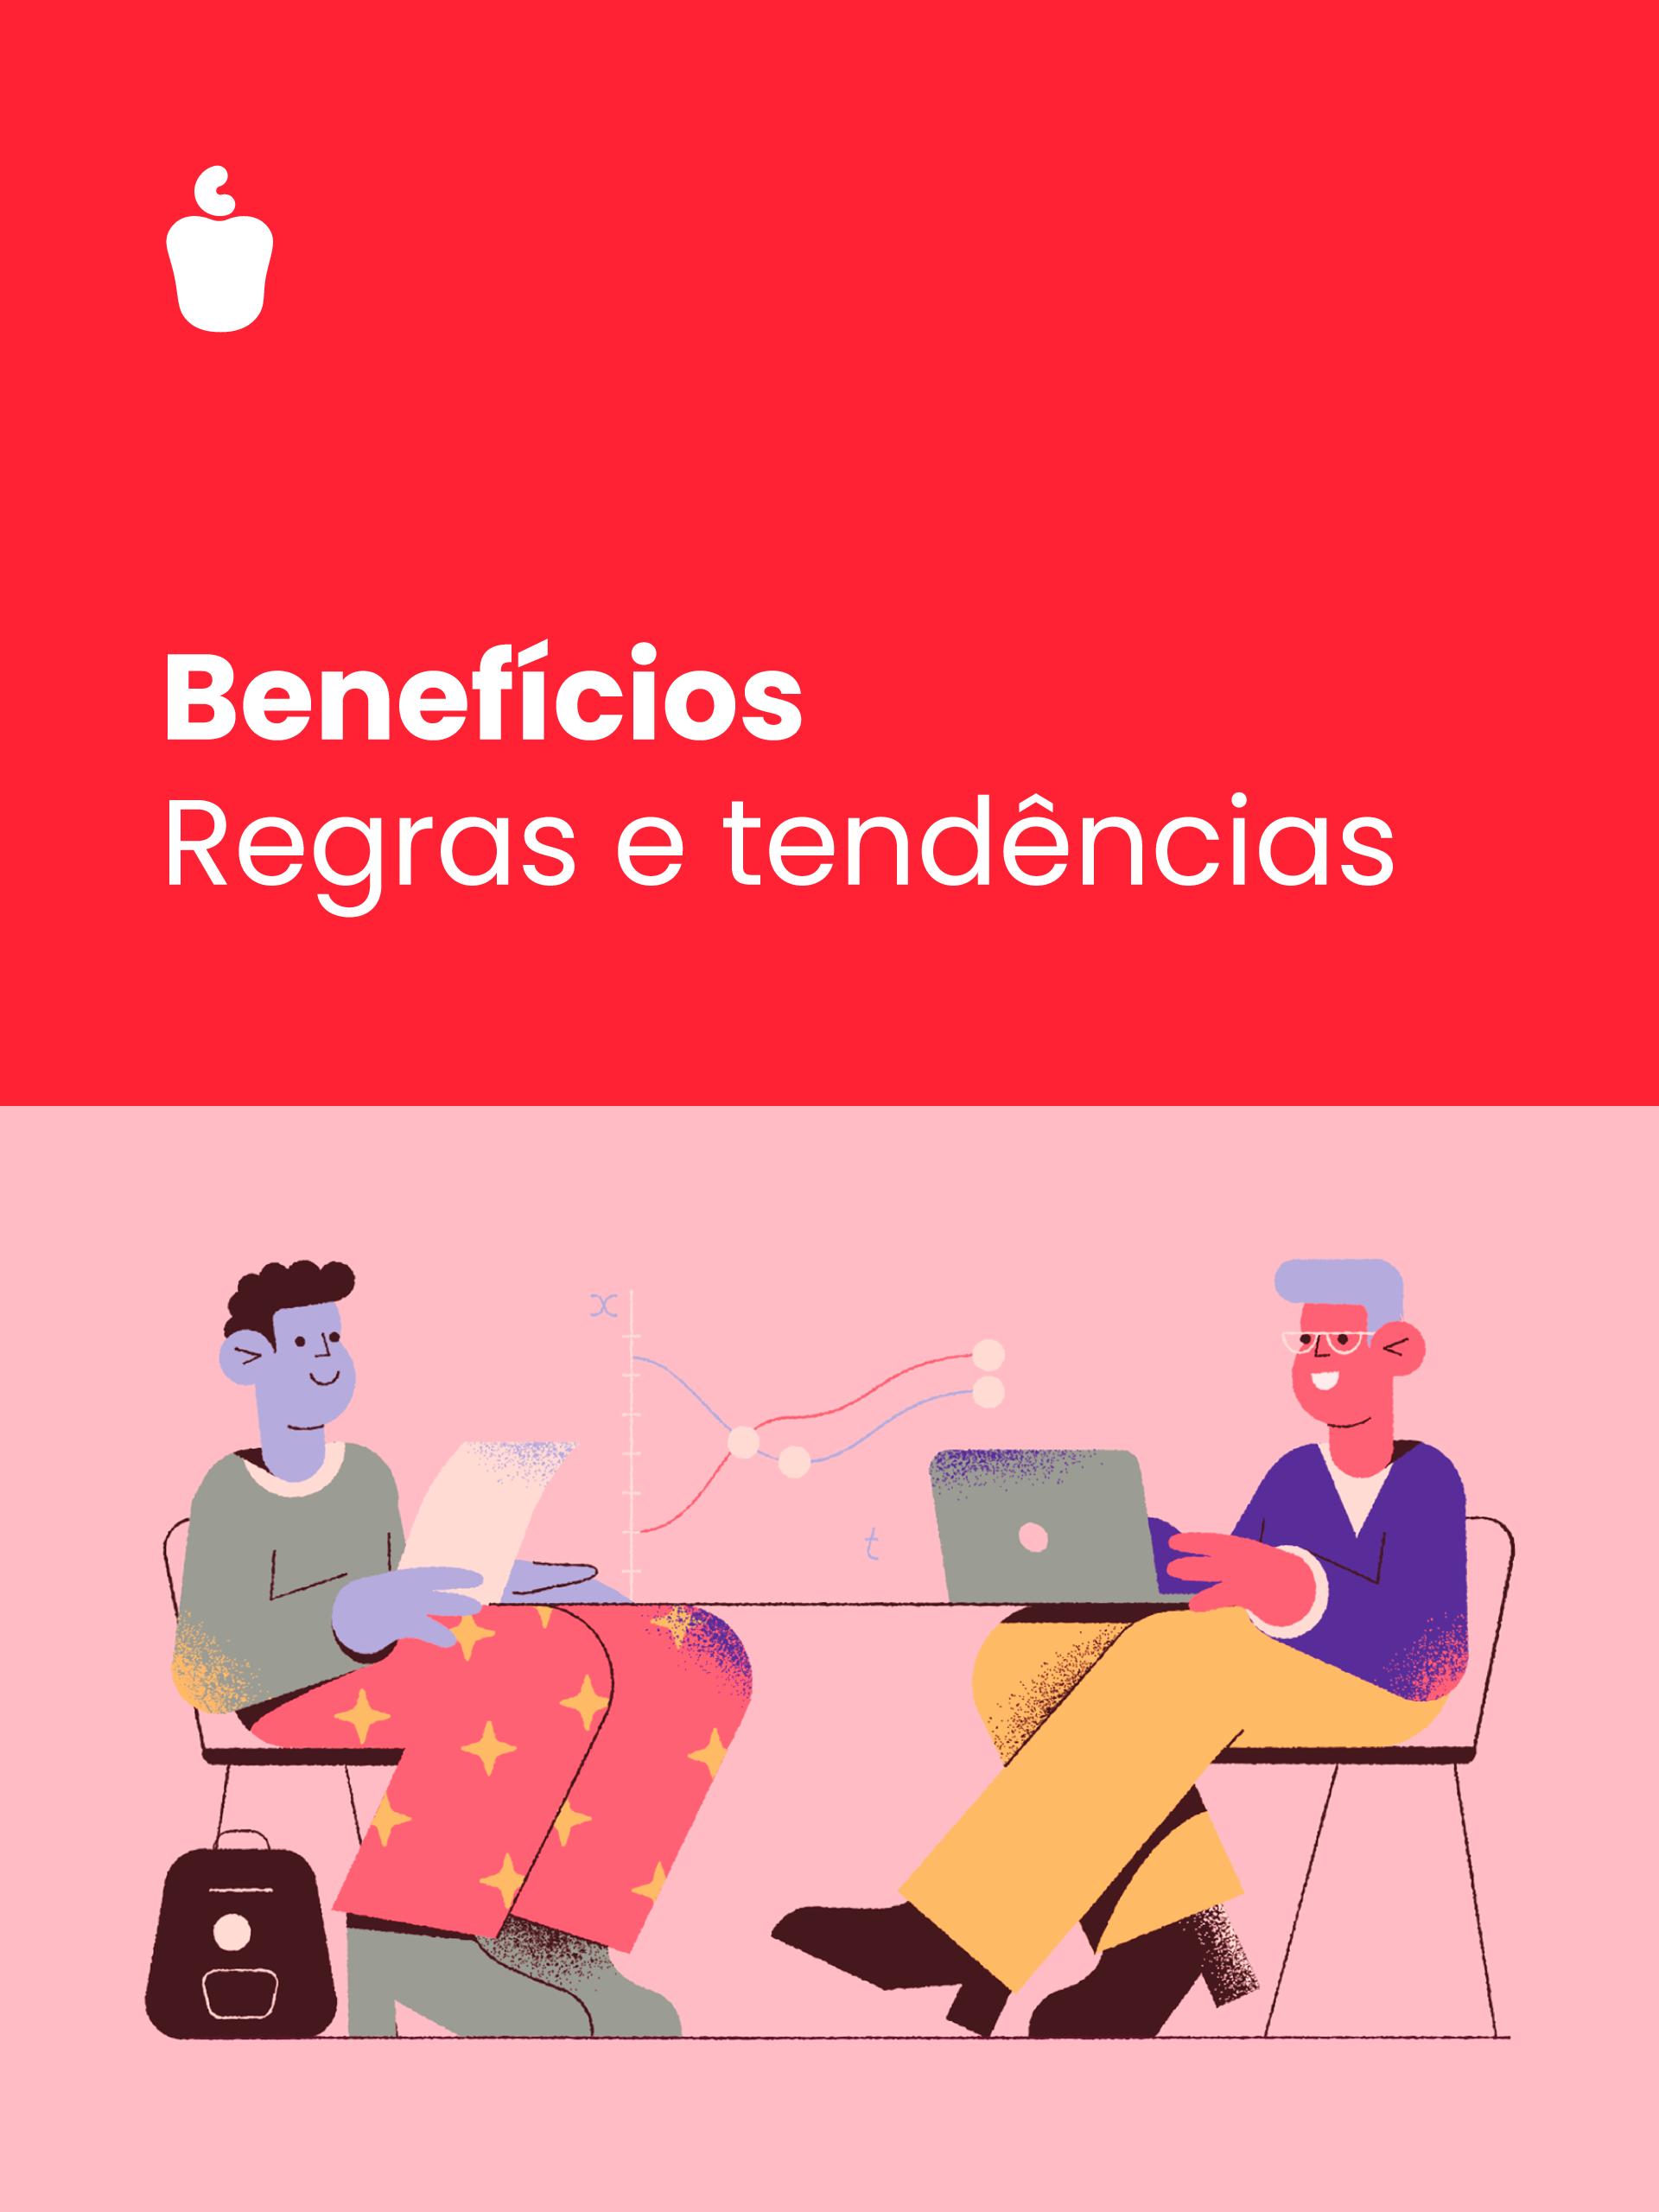 """Capa do E-book com o título """"Benefícios: regras e tendências"""" e uma ilustração com duas pessoas sentadas a mesa. Uma está olhando o notebook e a outra analisa um papel branco, ao fundo um gráfico de tendência."""